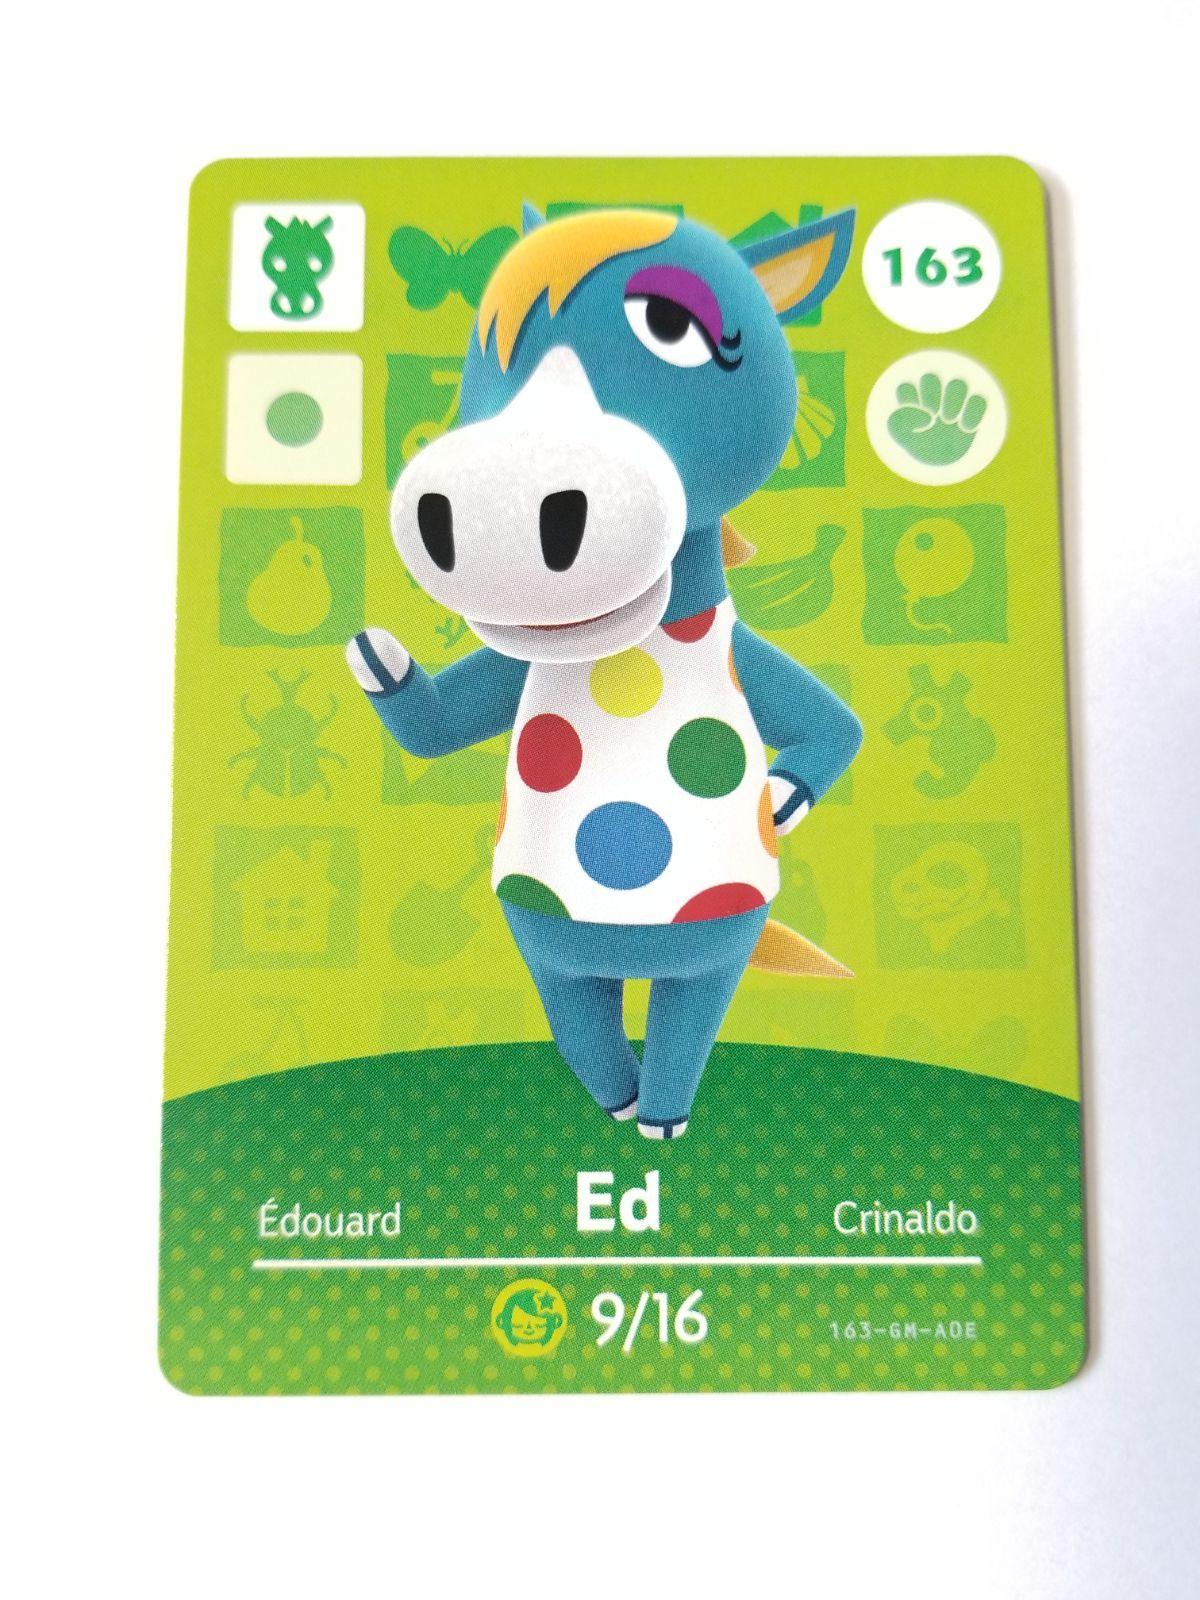 Animal Crossing Amiibo Card Ed 163 Mercari in 2020